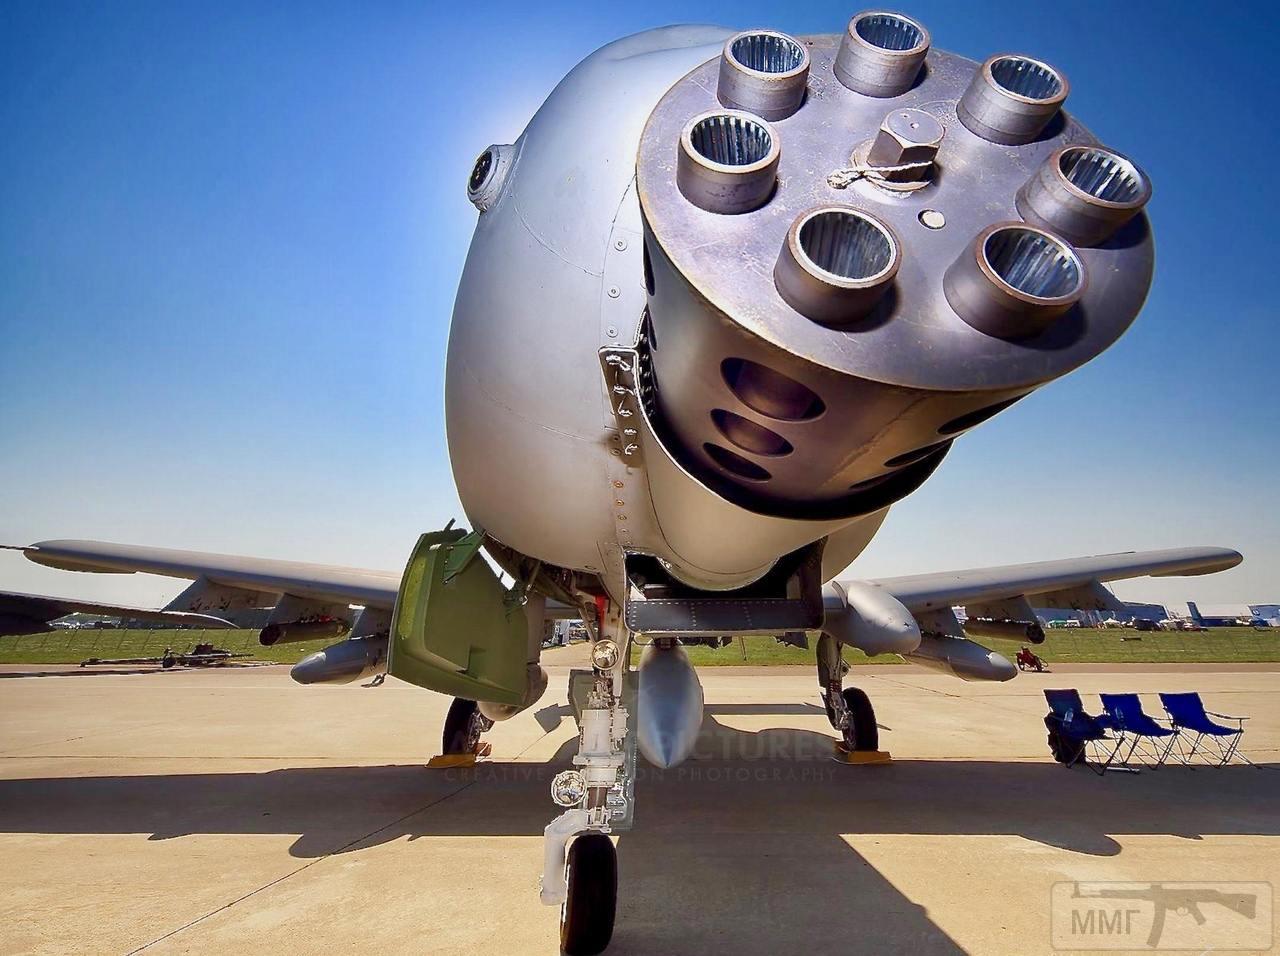 61963 - Авиационное пушечное вооружение